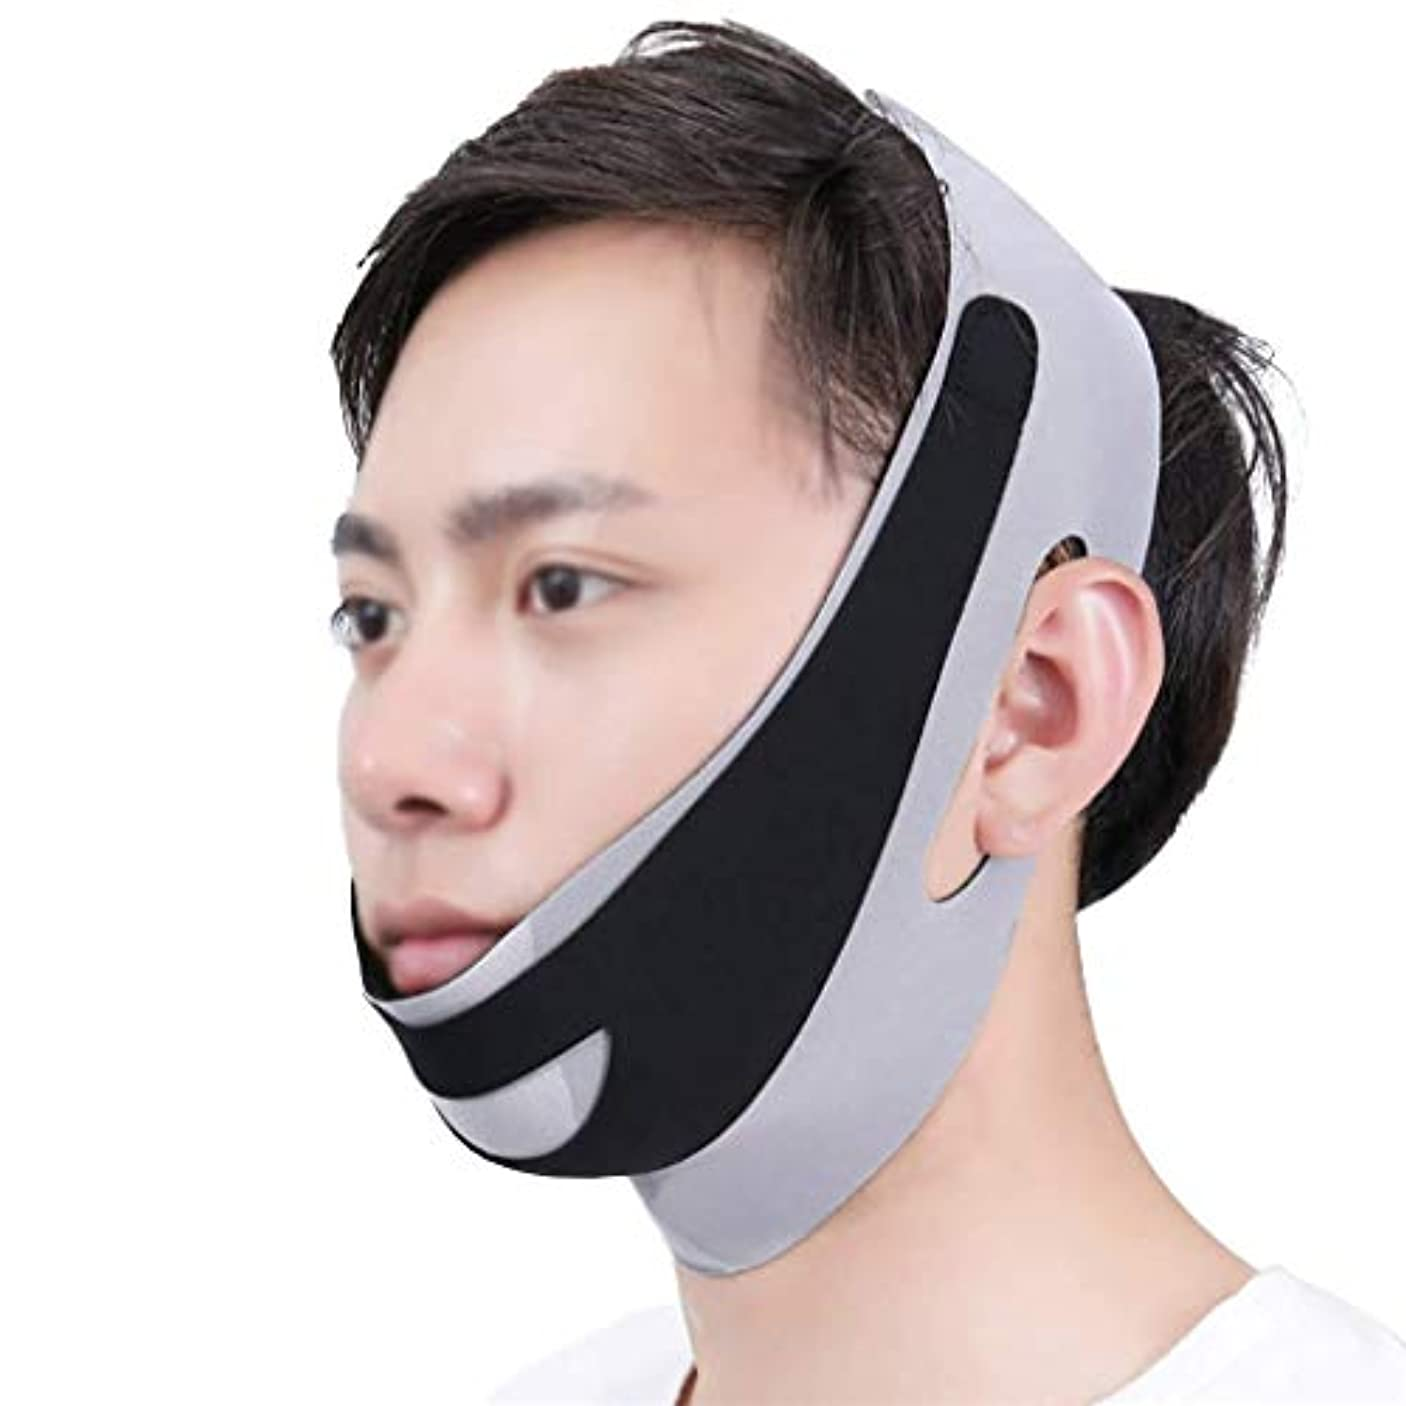 枠貫入バスケットボール顔と首のリフト術後の弾性フェイスマスク小さなV顔アーティファクト薄い顔包帯アーティファクトV顔ぶら下げ耳リフティング引き締め男性の顔アーティファクト